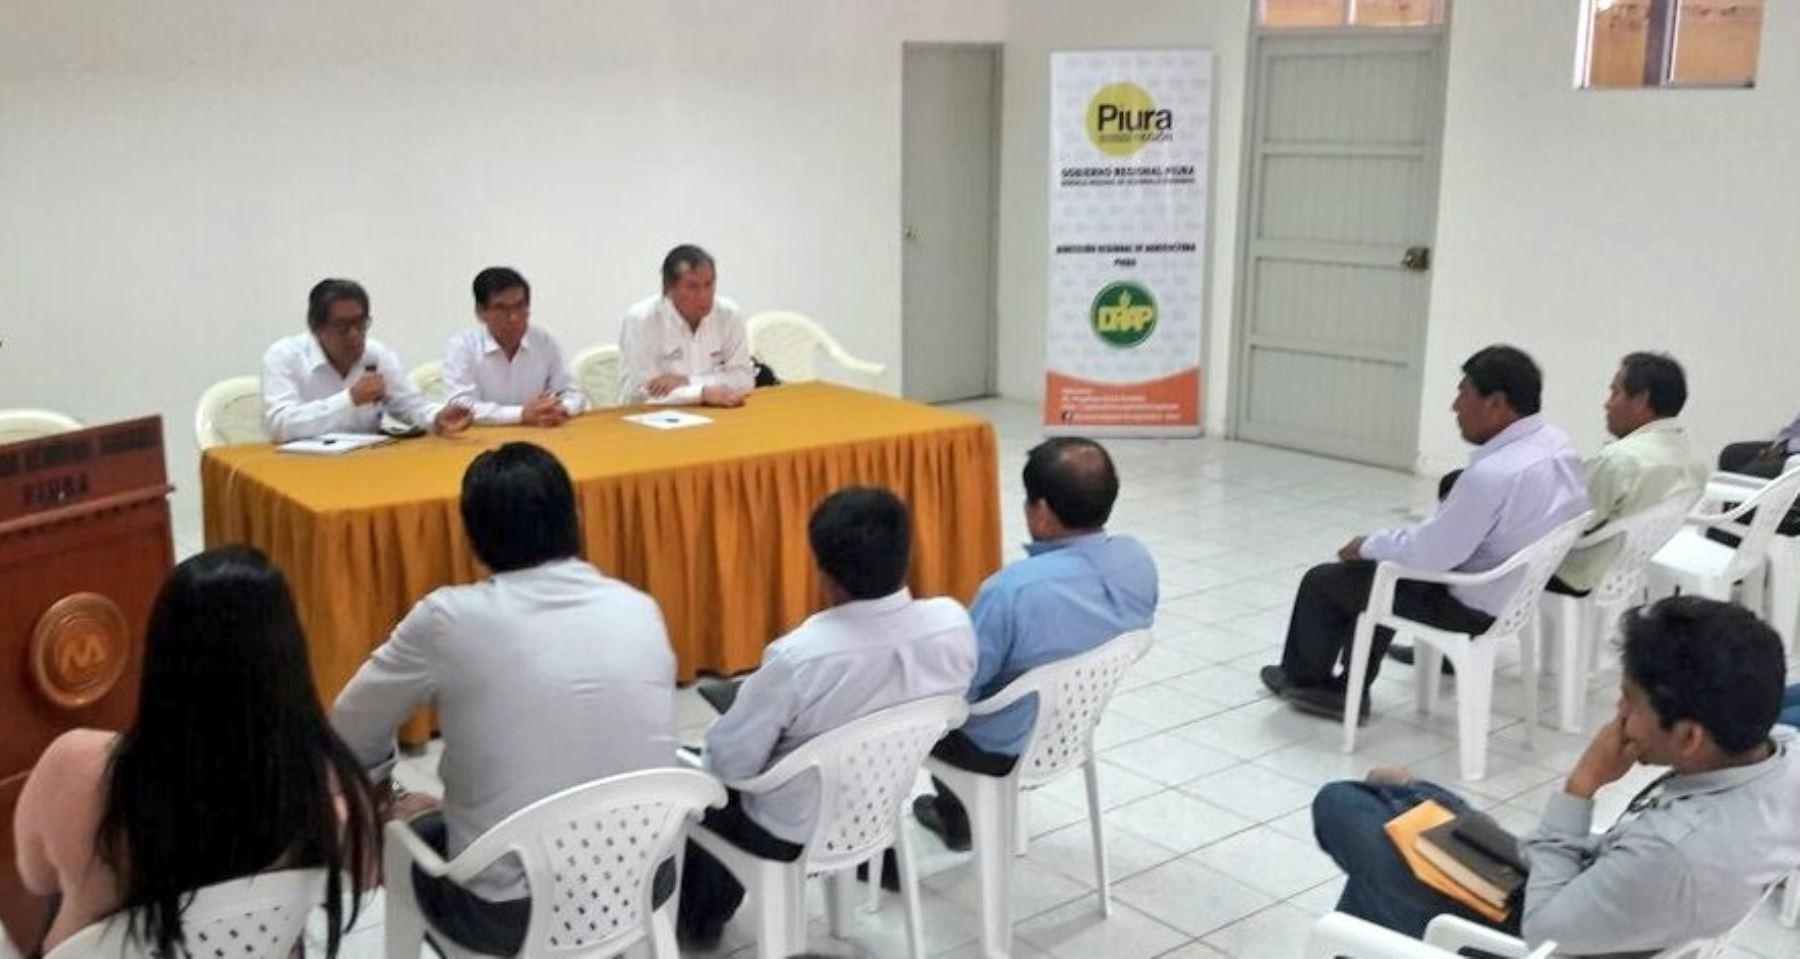 El ministro de Agricultura y Riego, José Manuel Hernández, explicó los alcances del Plan Integral de Reconstrucción con Cambios en las zonas afectadas por El Niño Costero, a las autoridades regionales y locales, juntas de usuarios de riego, así como representantes de la sociedad civil en Piura.